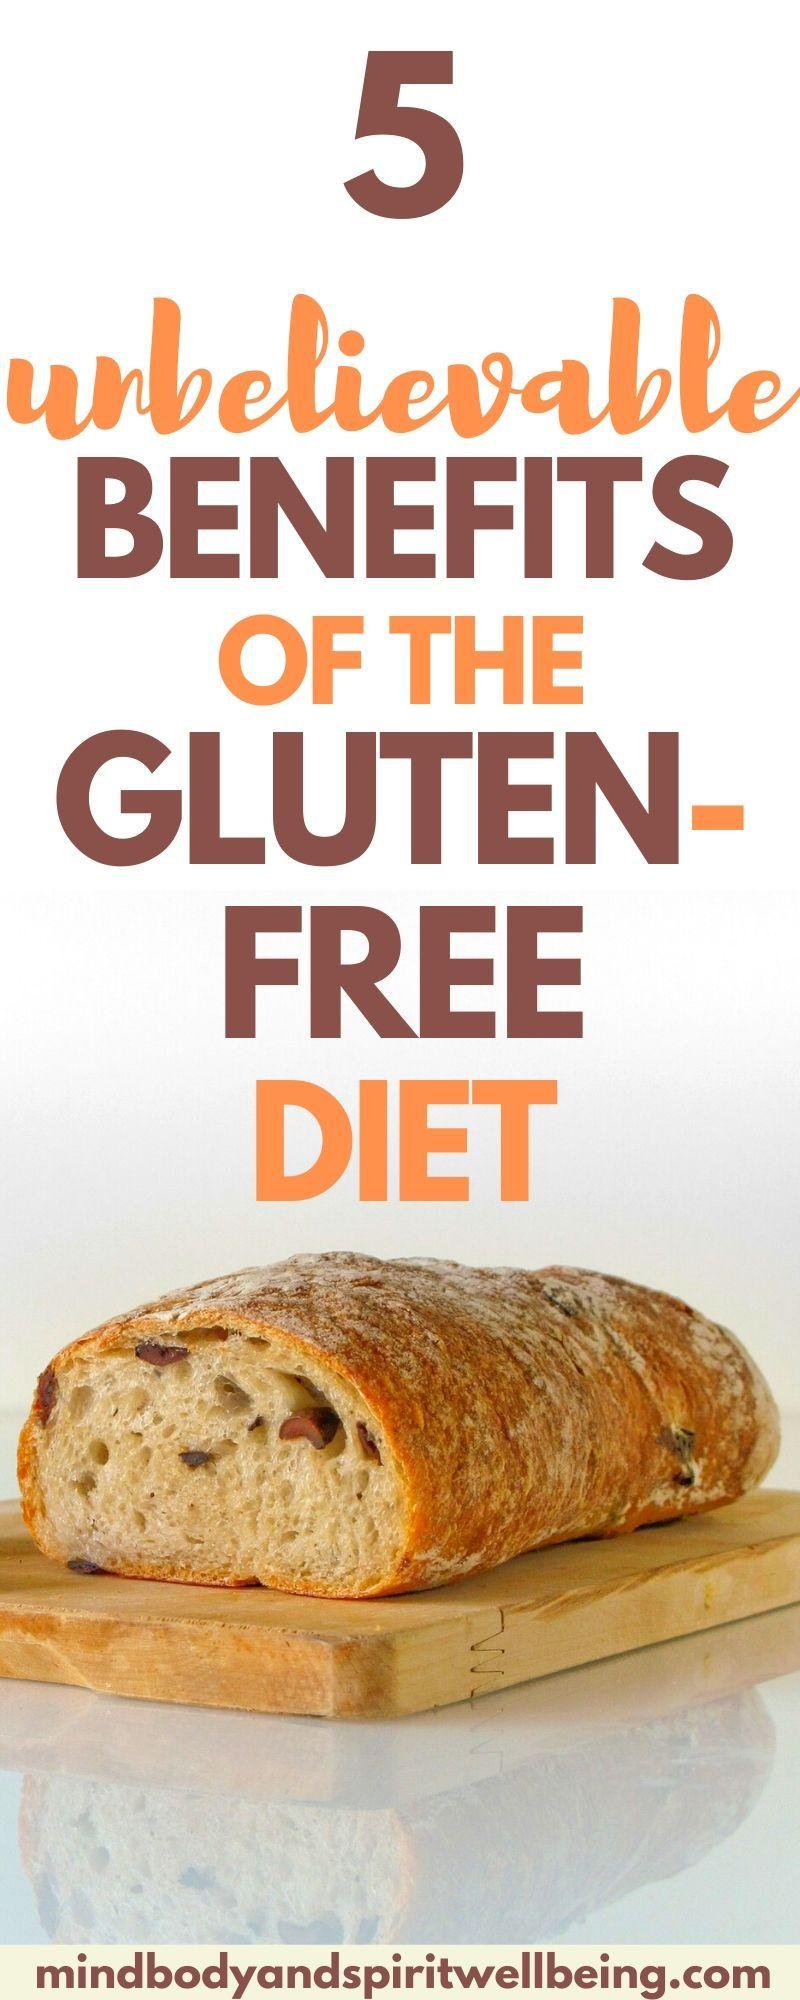 Benefits of the gluten free diet gluten free diet